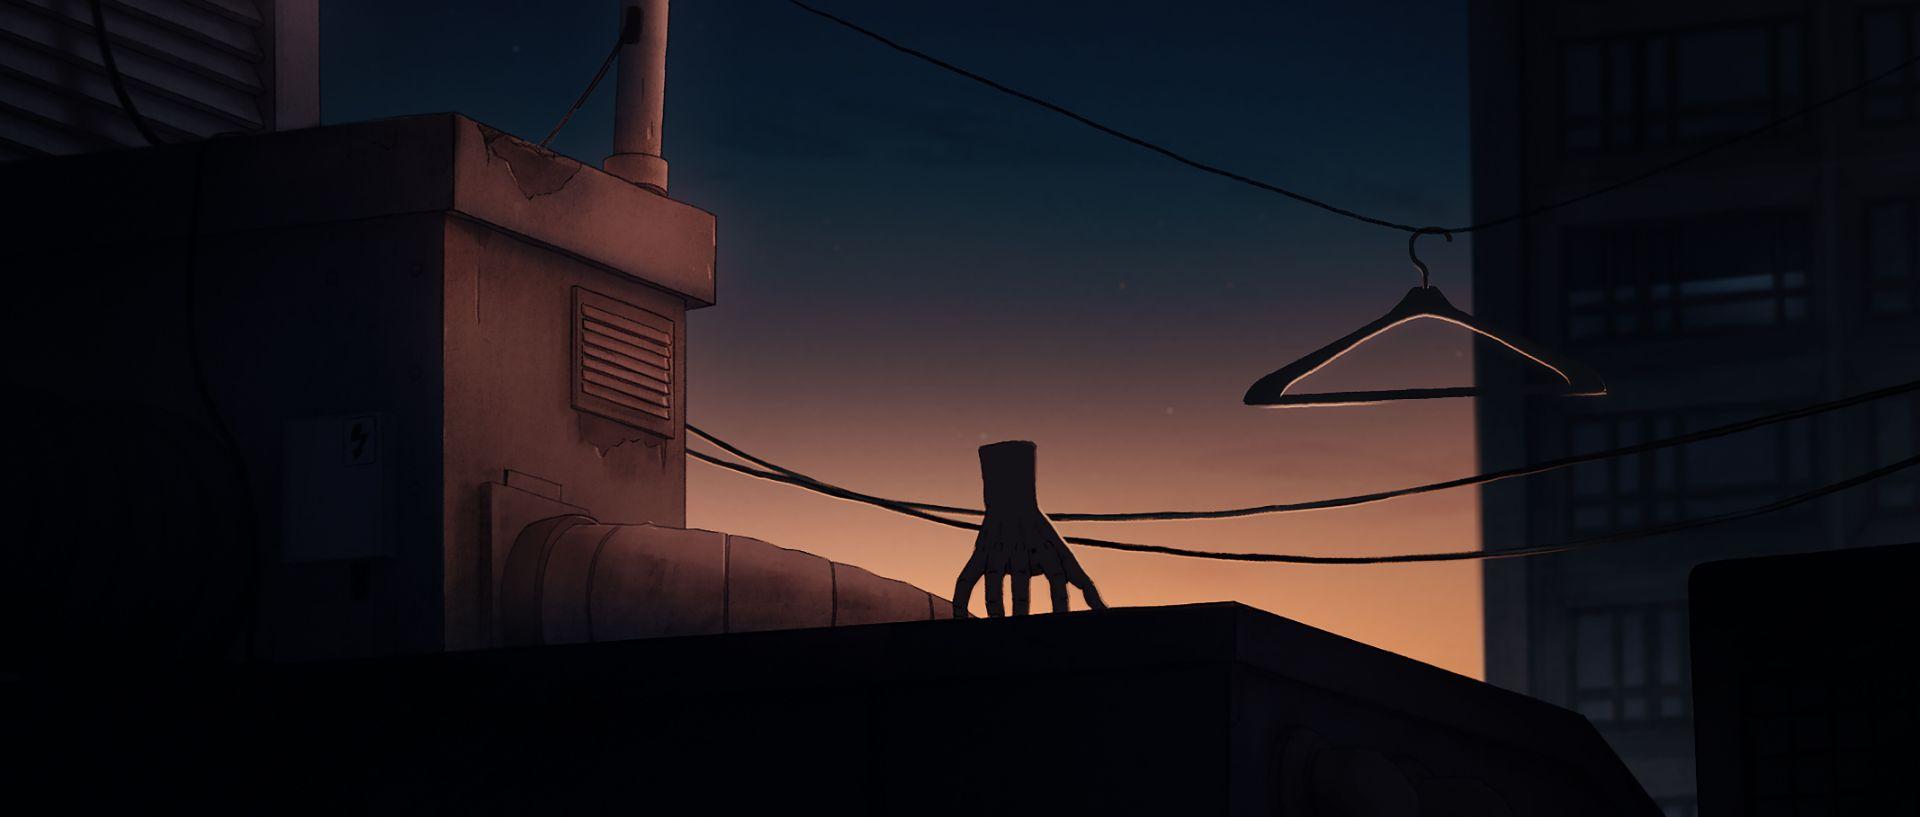 剧情动画《我失去了身体》影评,最是那一只手的温柔